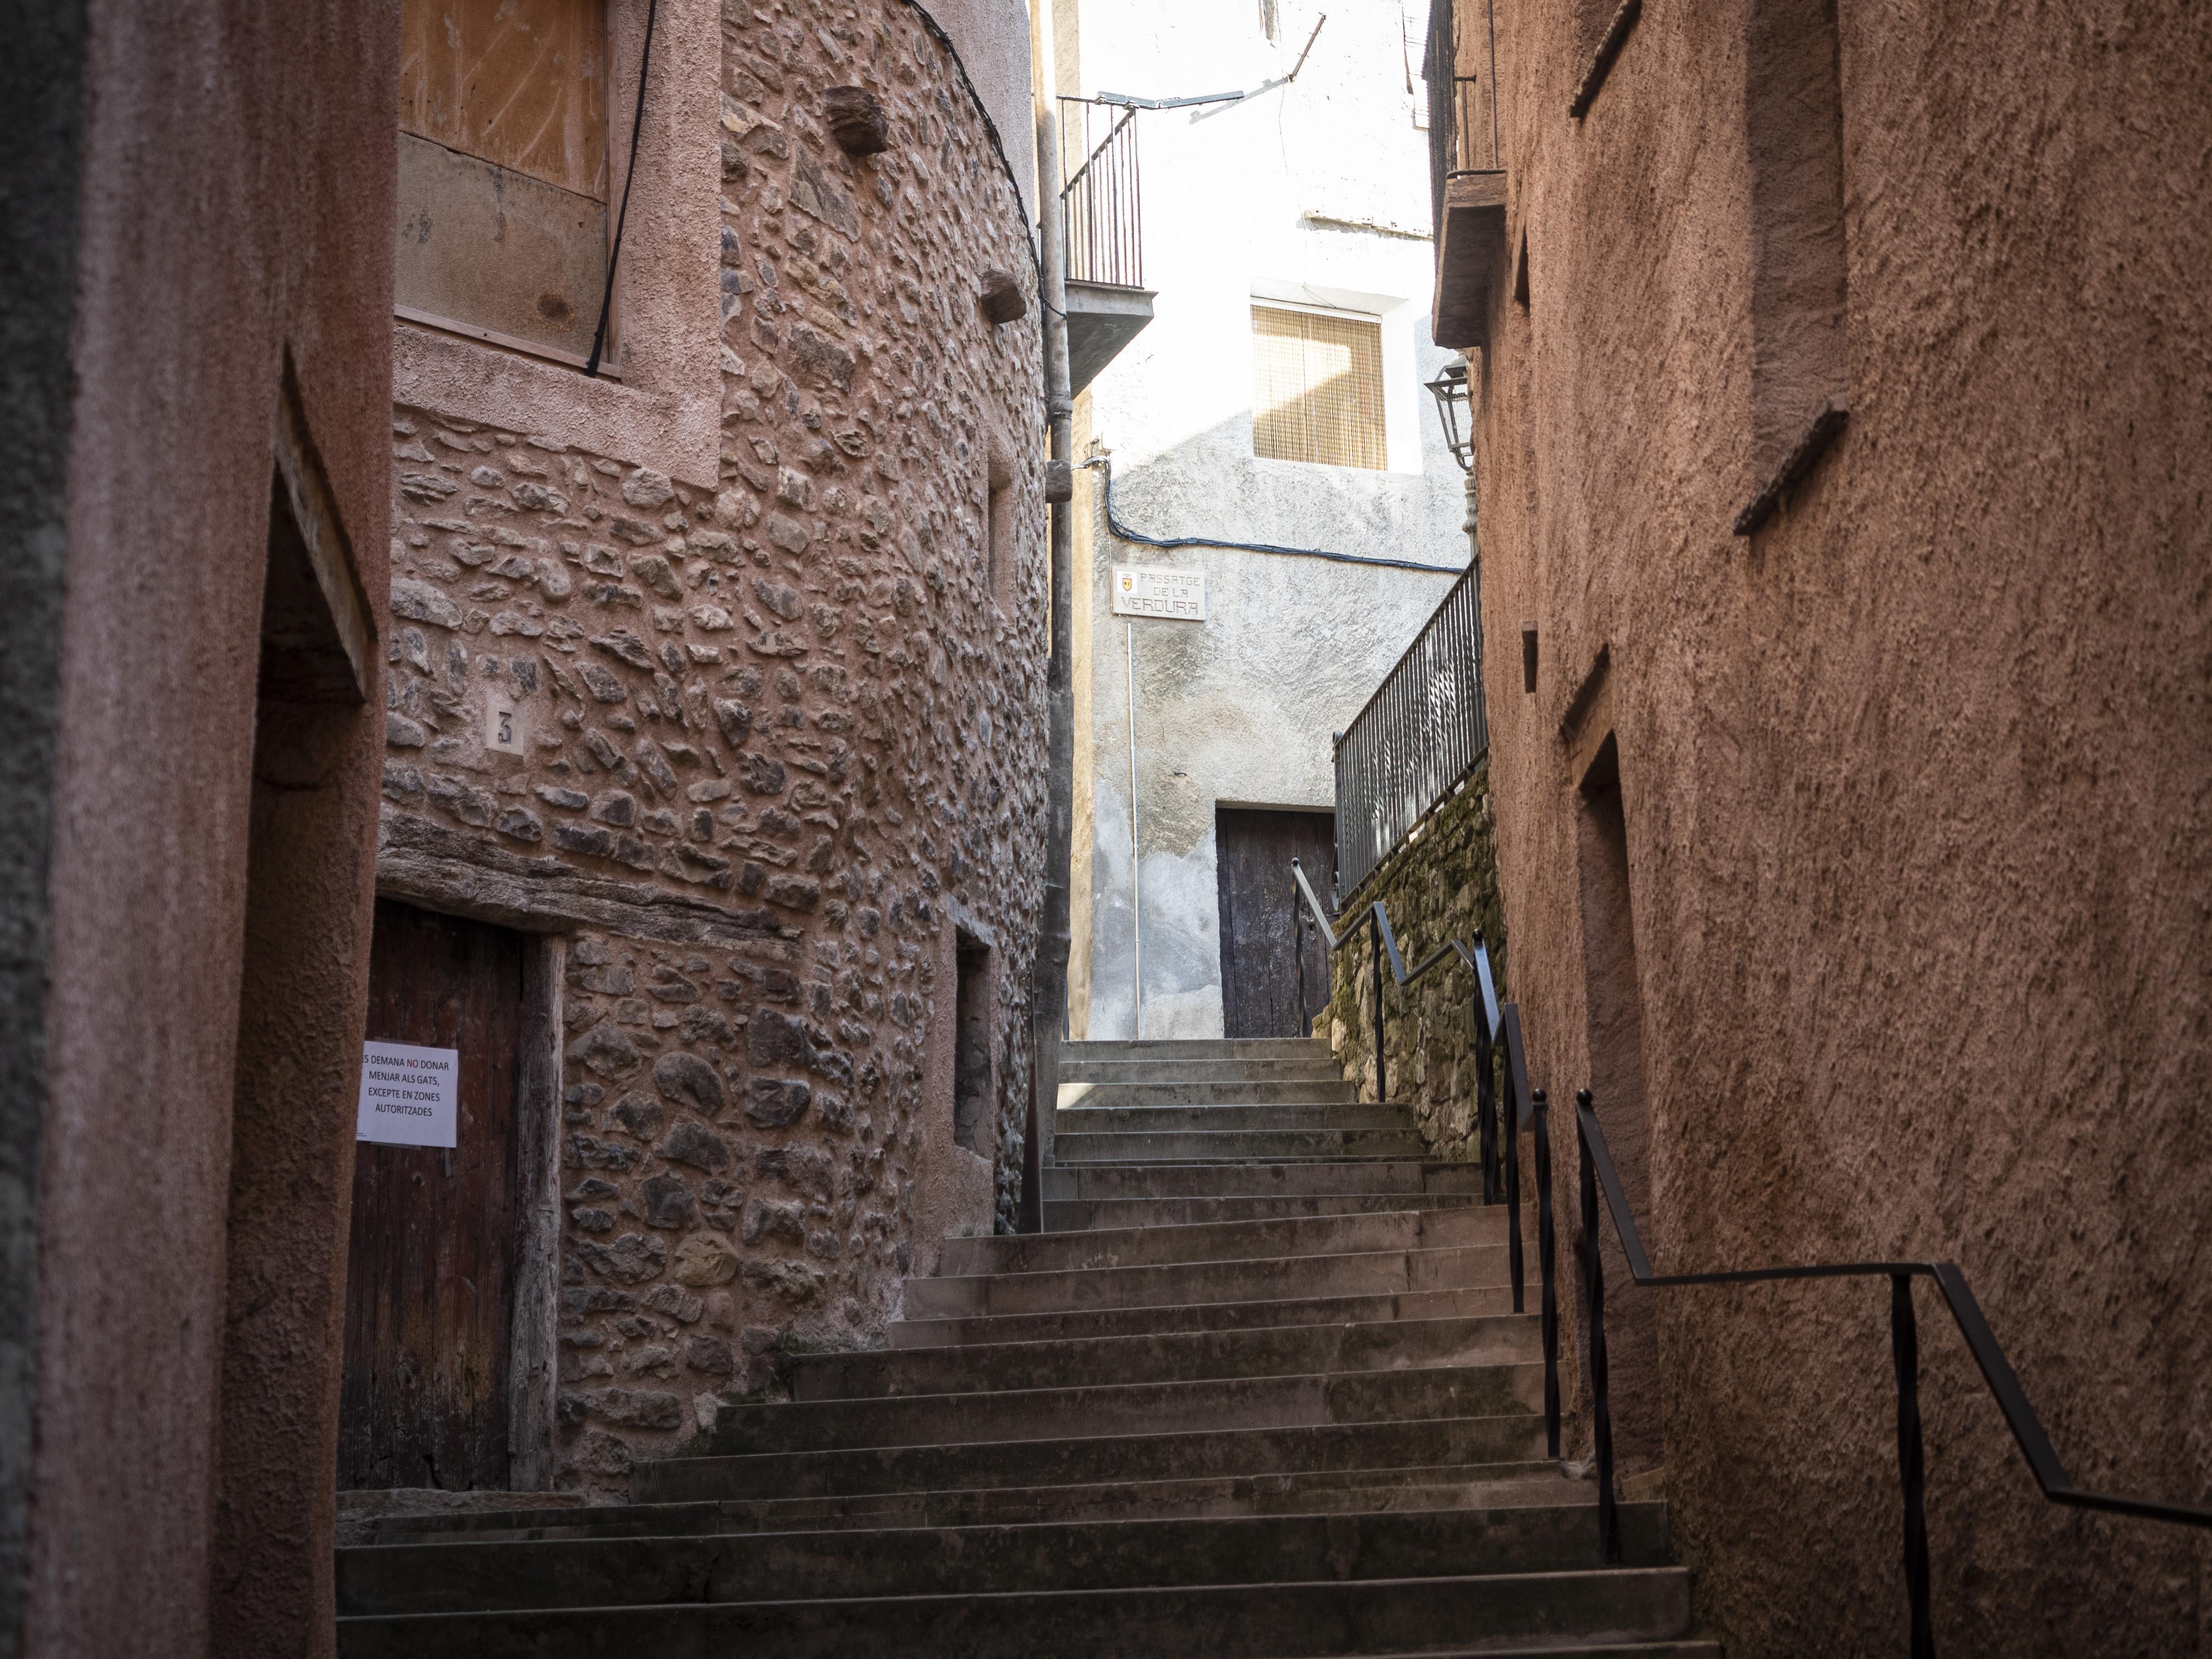 Bagà, una vila medieval 9. FOTO: Anna E. Puig